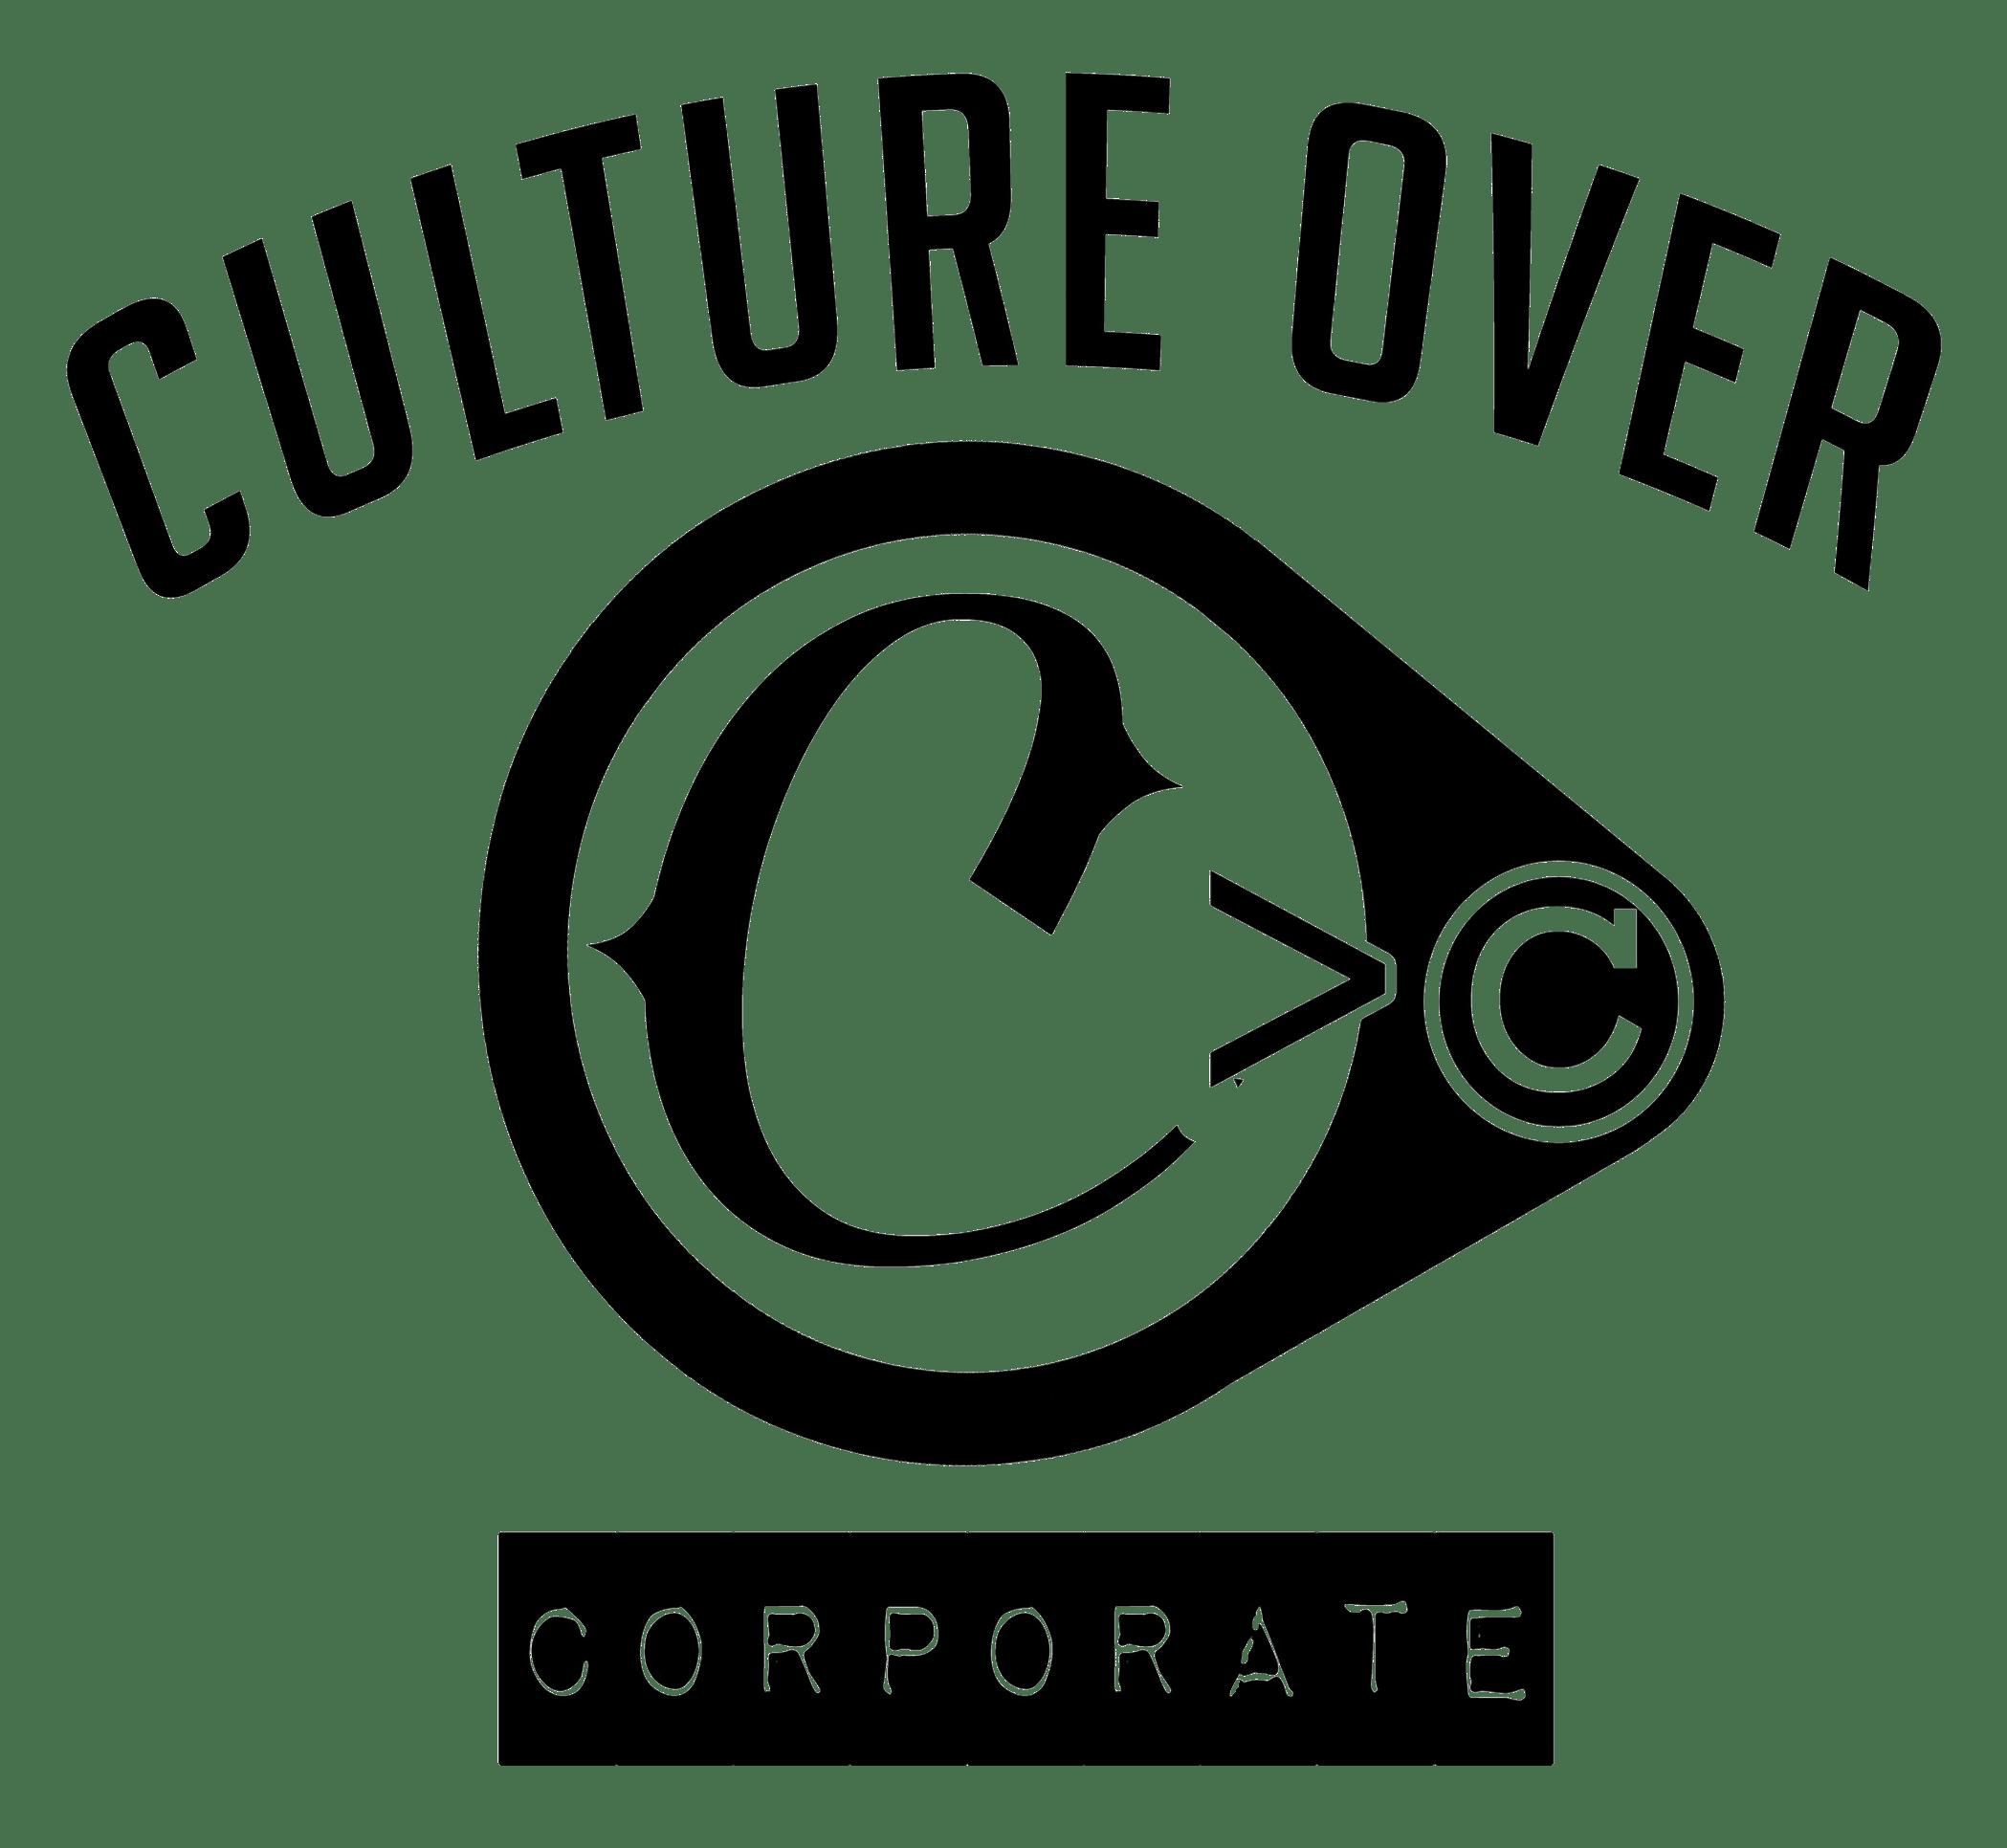 Culture Over Corporate